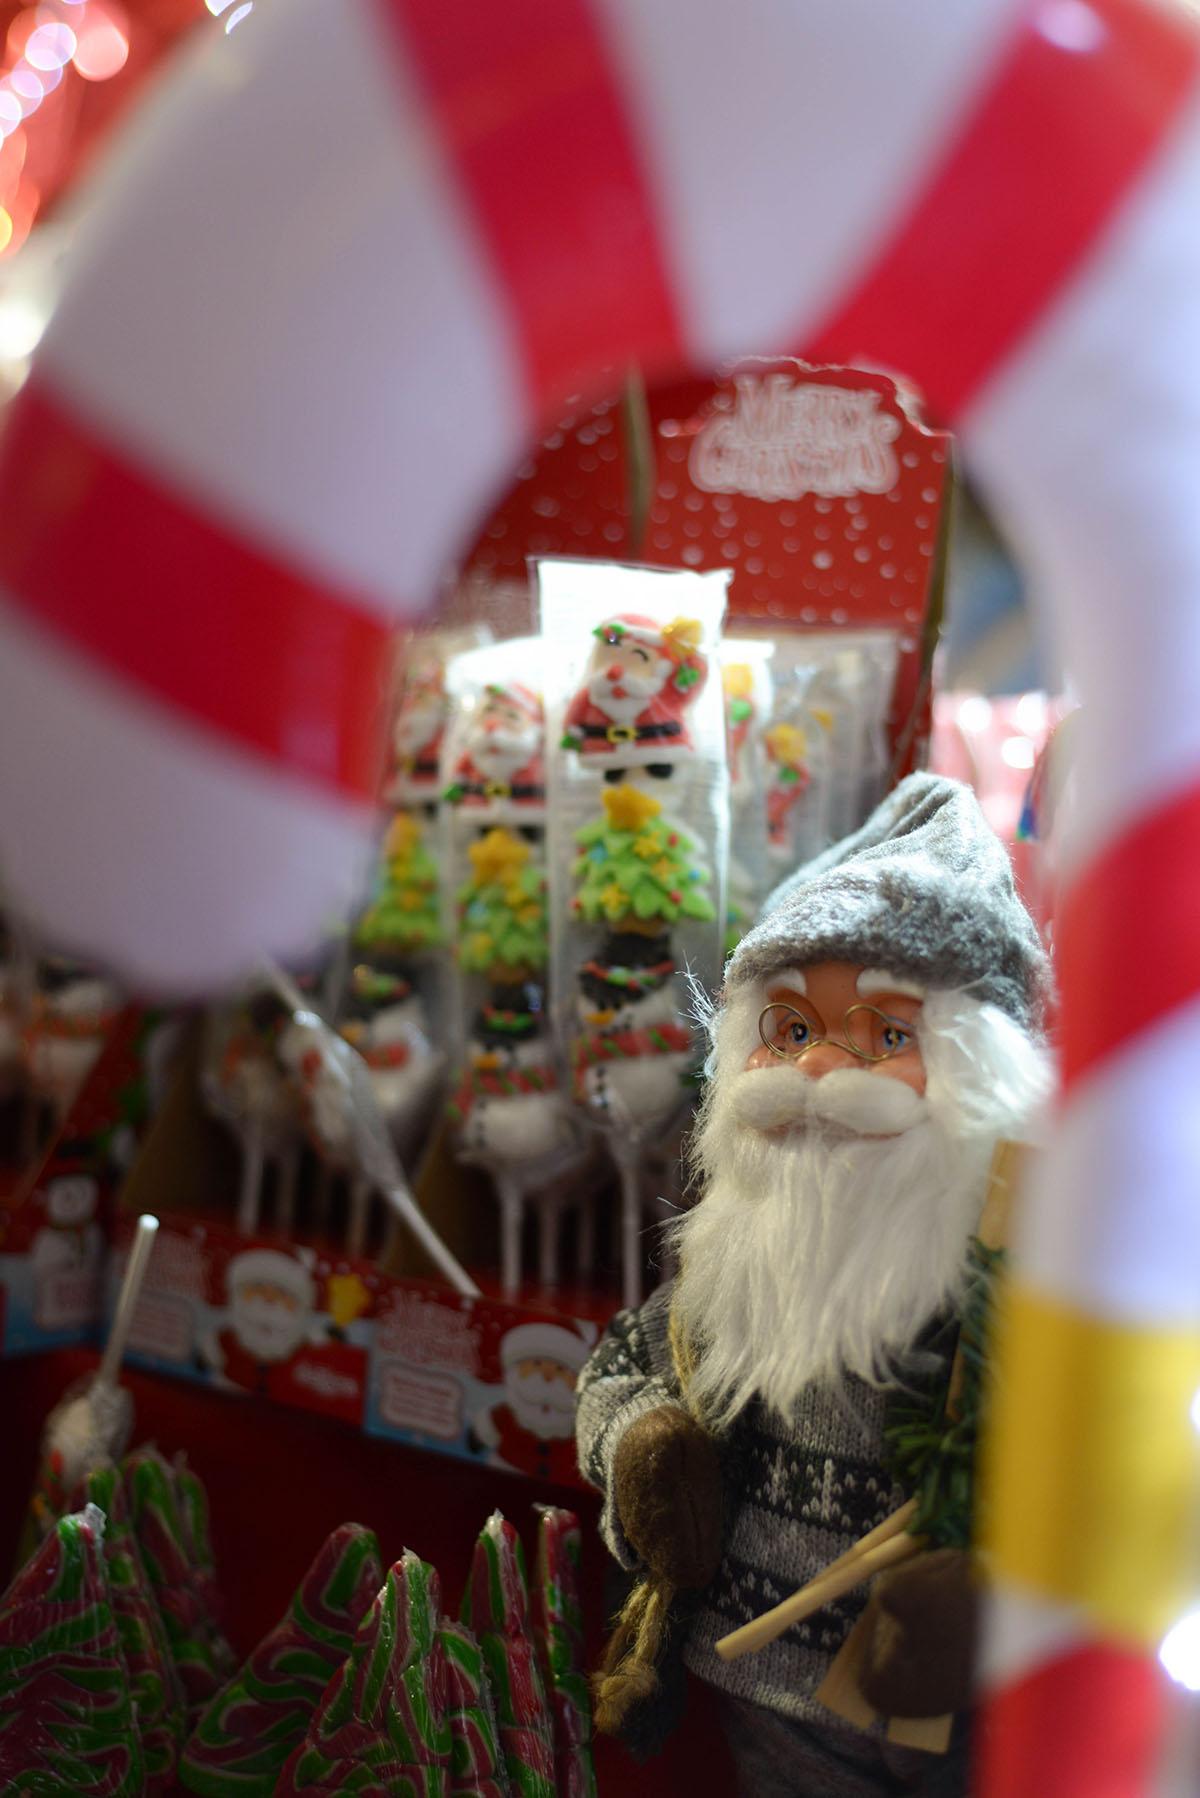 visiter le marché de Noël d'Arras, Pas-de-Calais, Hauts de France, père noël